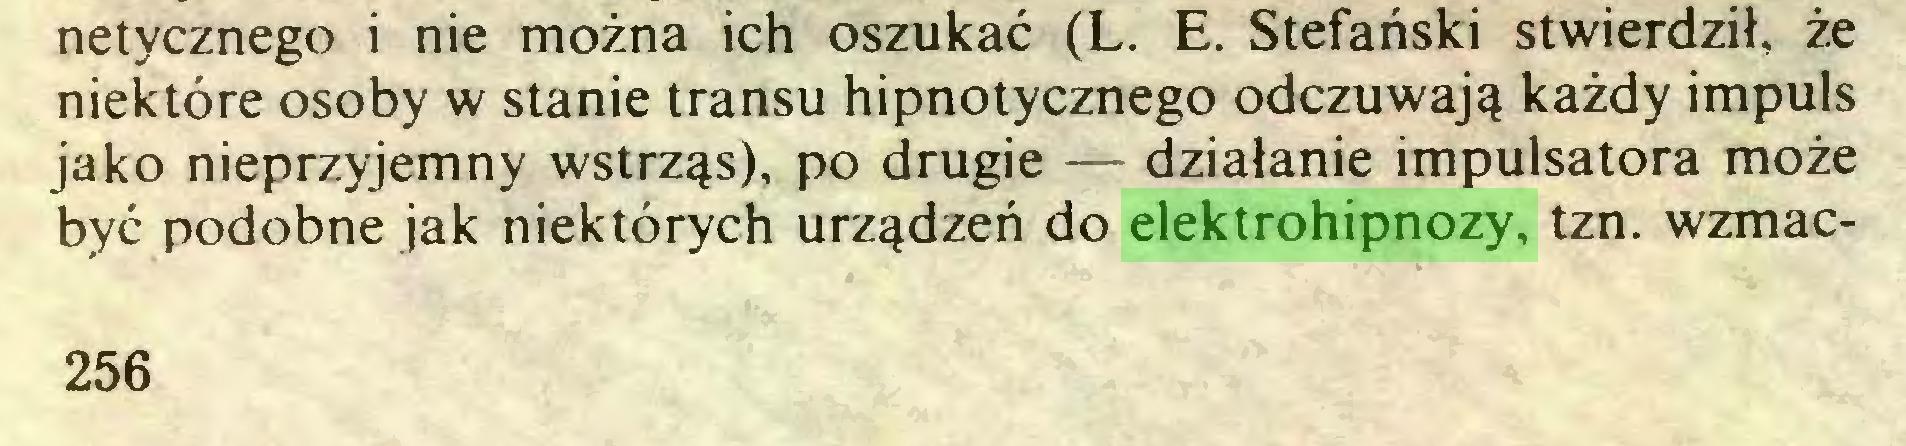 (...) netycznego i nie można ich oszukać (L. E. Stefański stwierdził, że niektóre osoby w stanie transu hipnotycznego odczuwają każdy impuls jako nieprzyjemny wstrząs), po drugie — działanie impulsatora może być podobne jak niektórych urządzeń do elektrohipnozy, tzn. wzmac256...